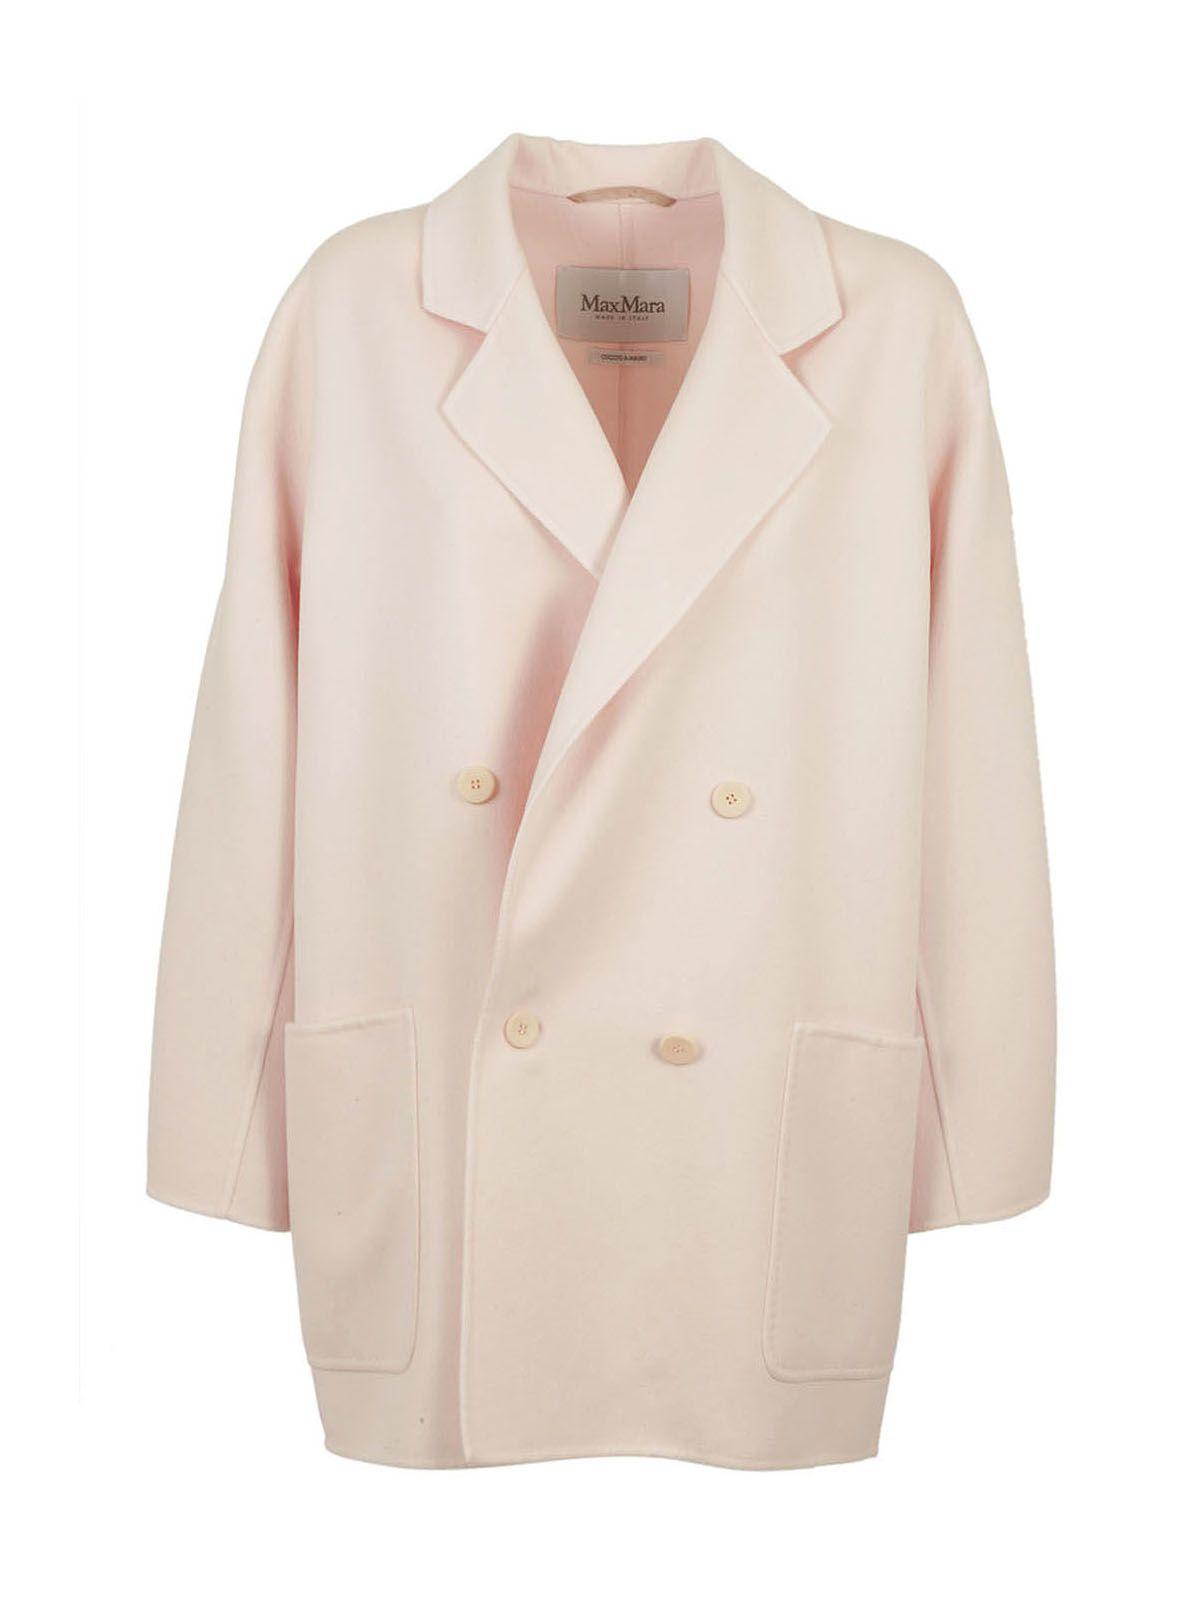 Max Mara - Max Mara Stefy Coat - Pink, Women's Coats | Italist